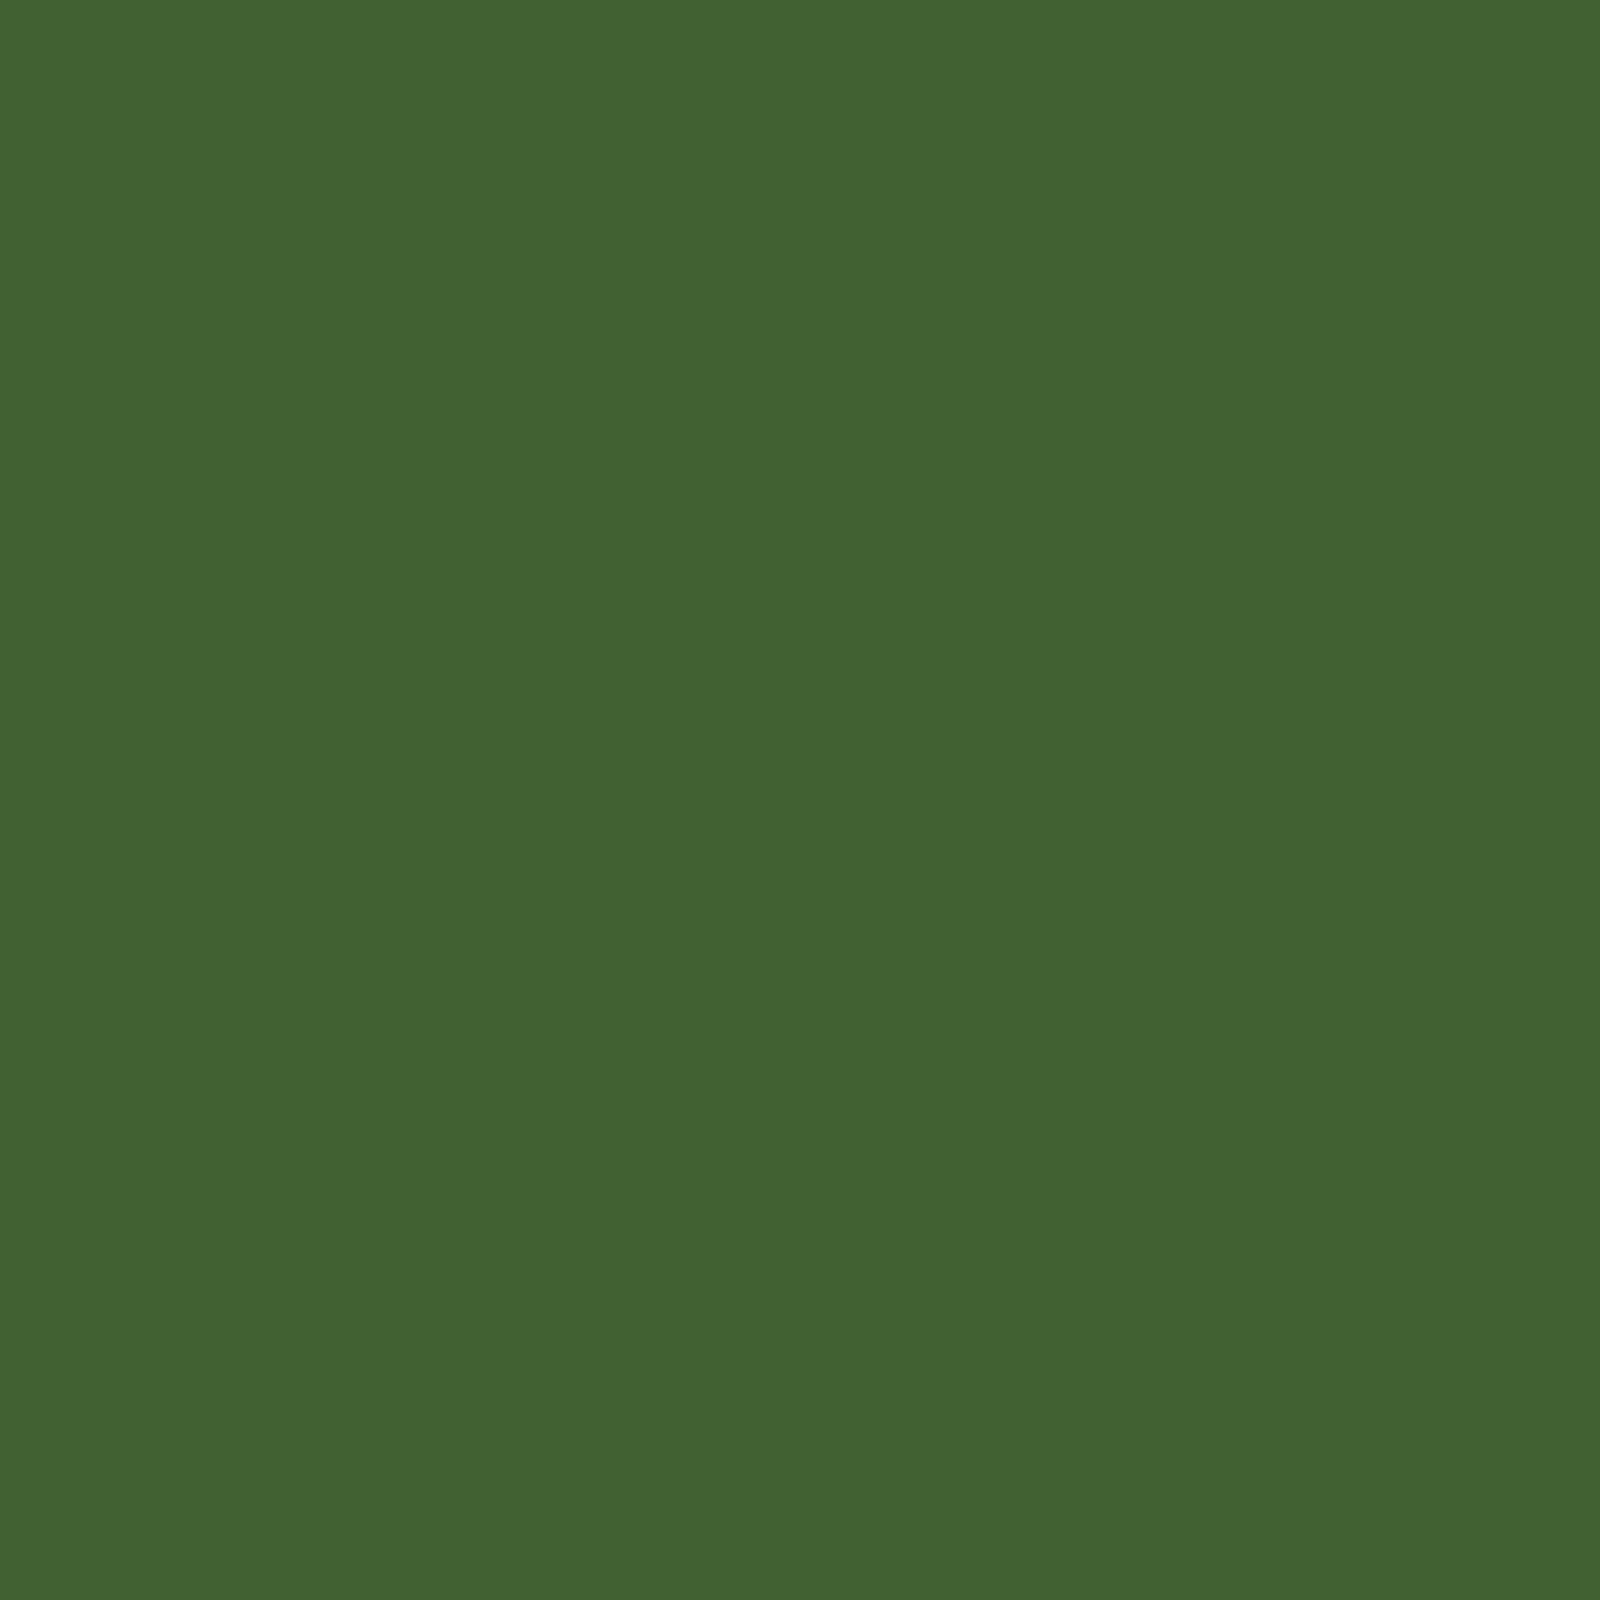 Cosmo Floss - 120 Cedar Green